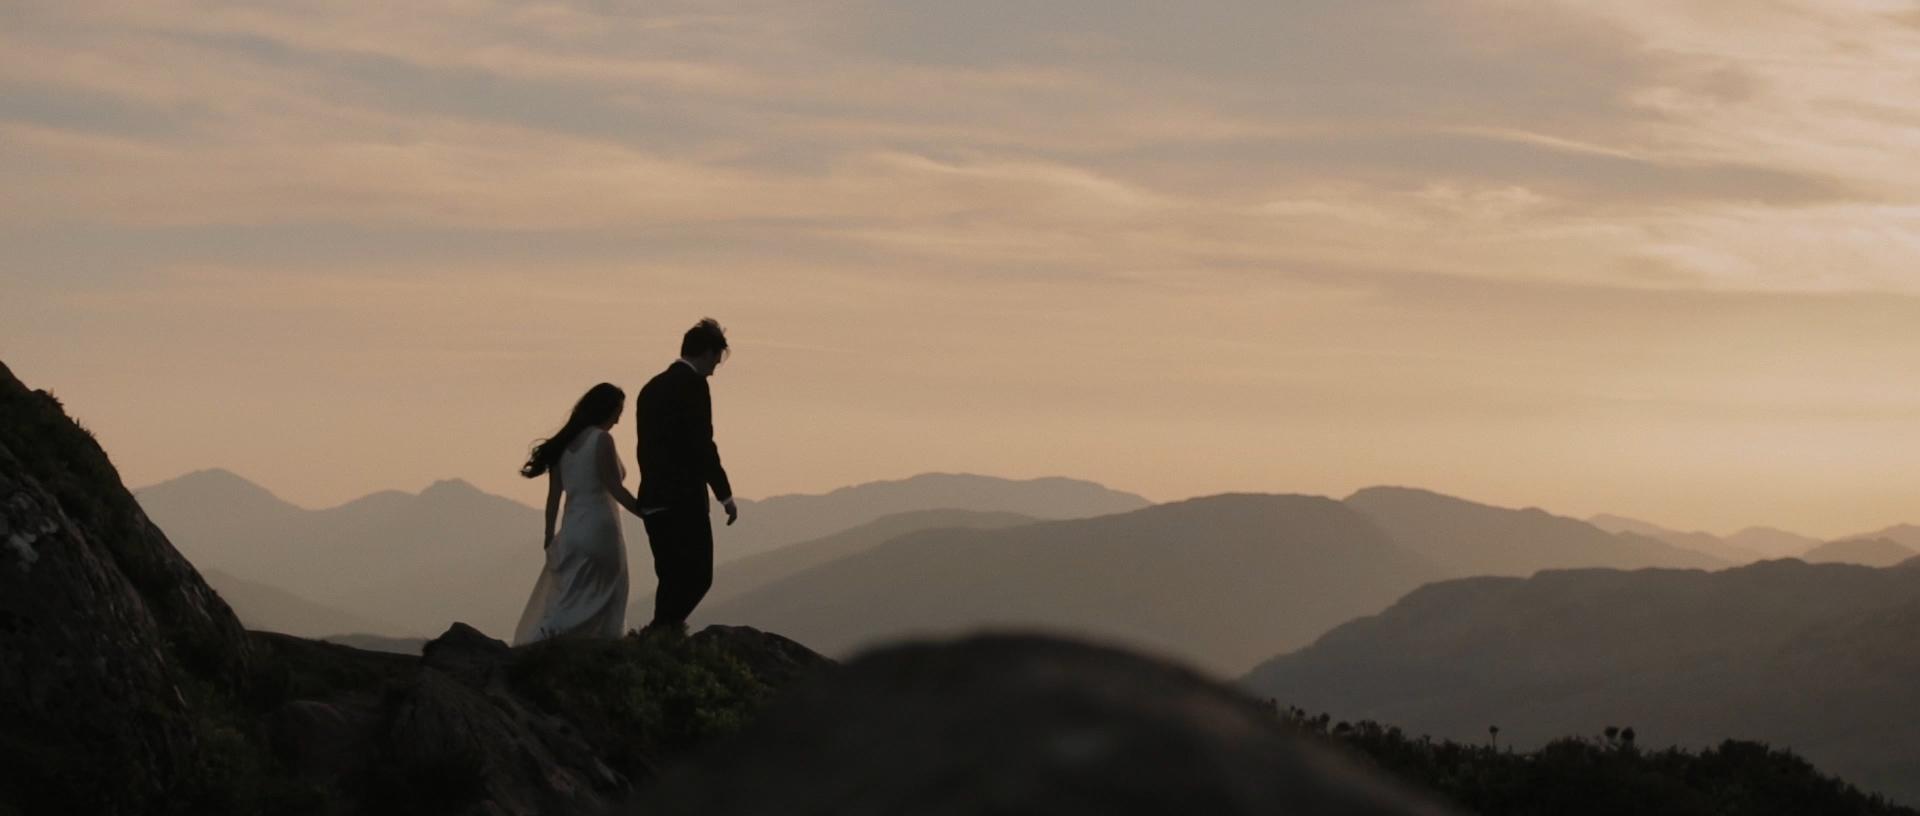 dalduff-farm-wedding-videographer_LL_01.jpg